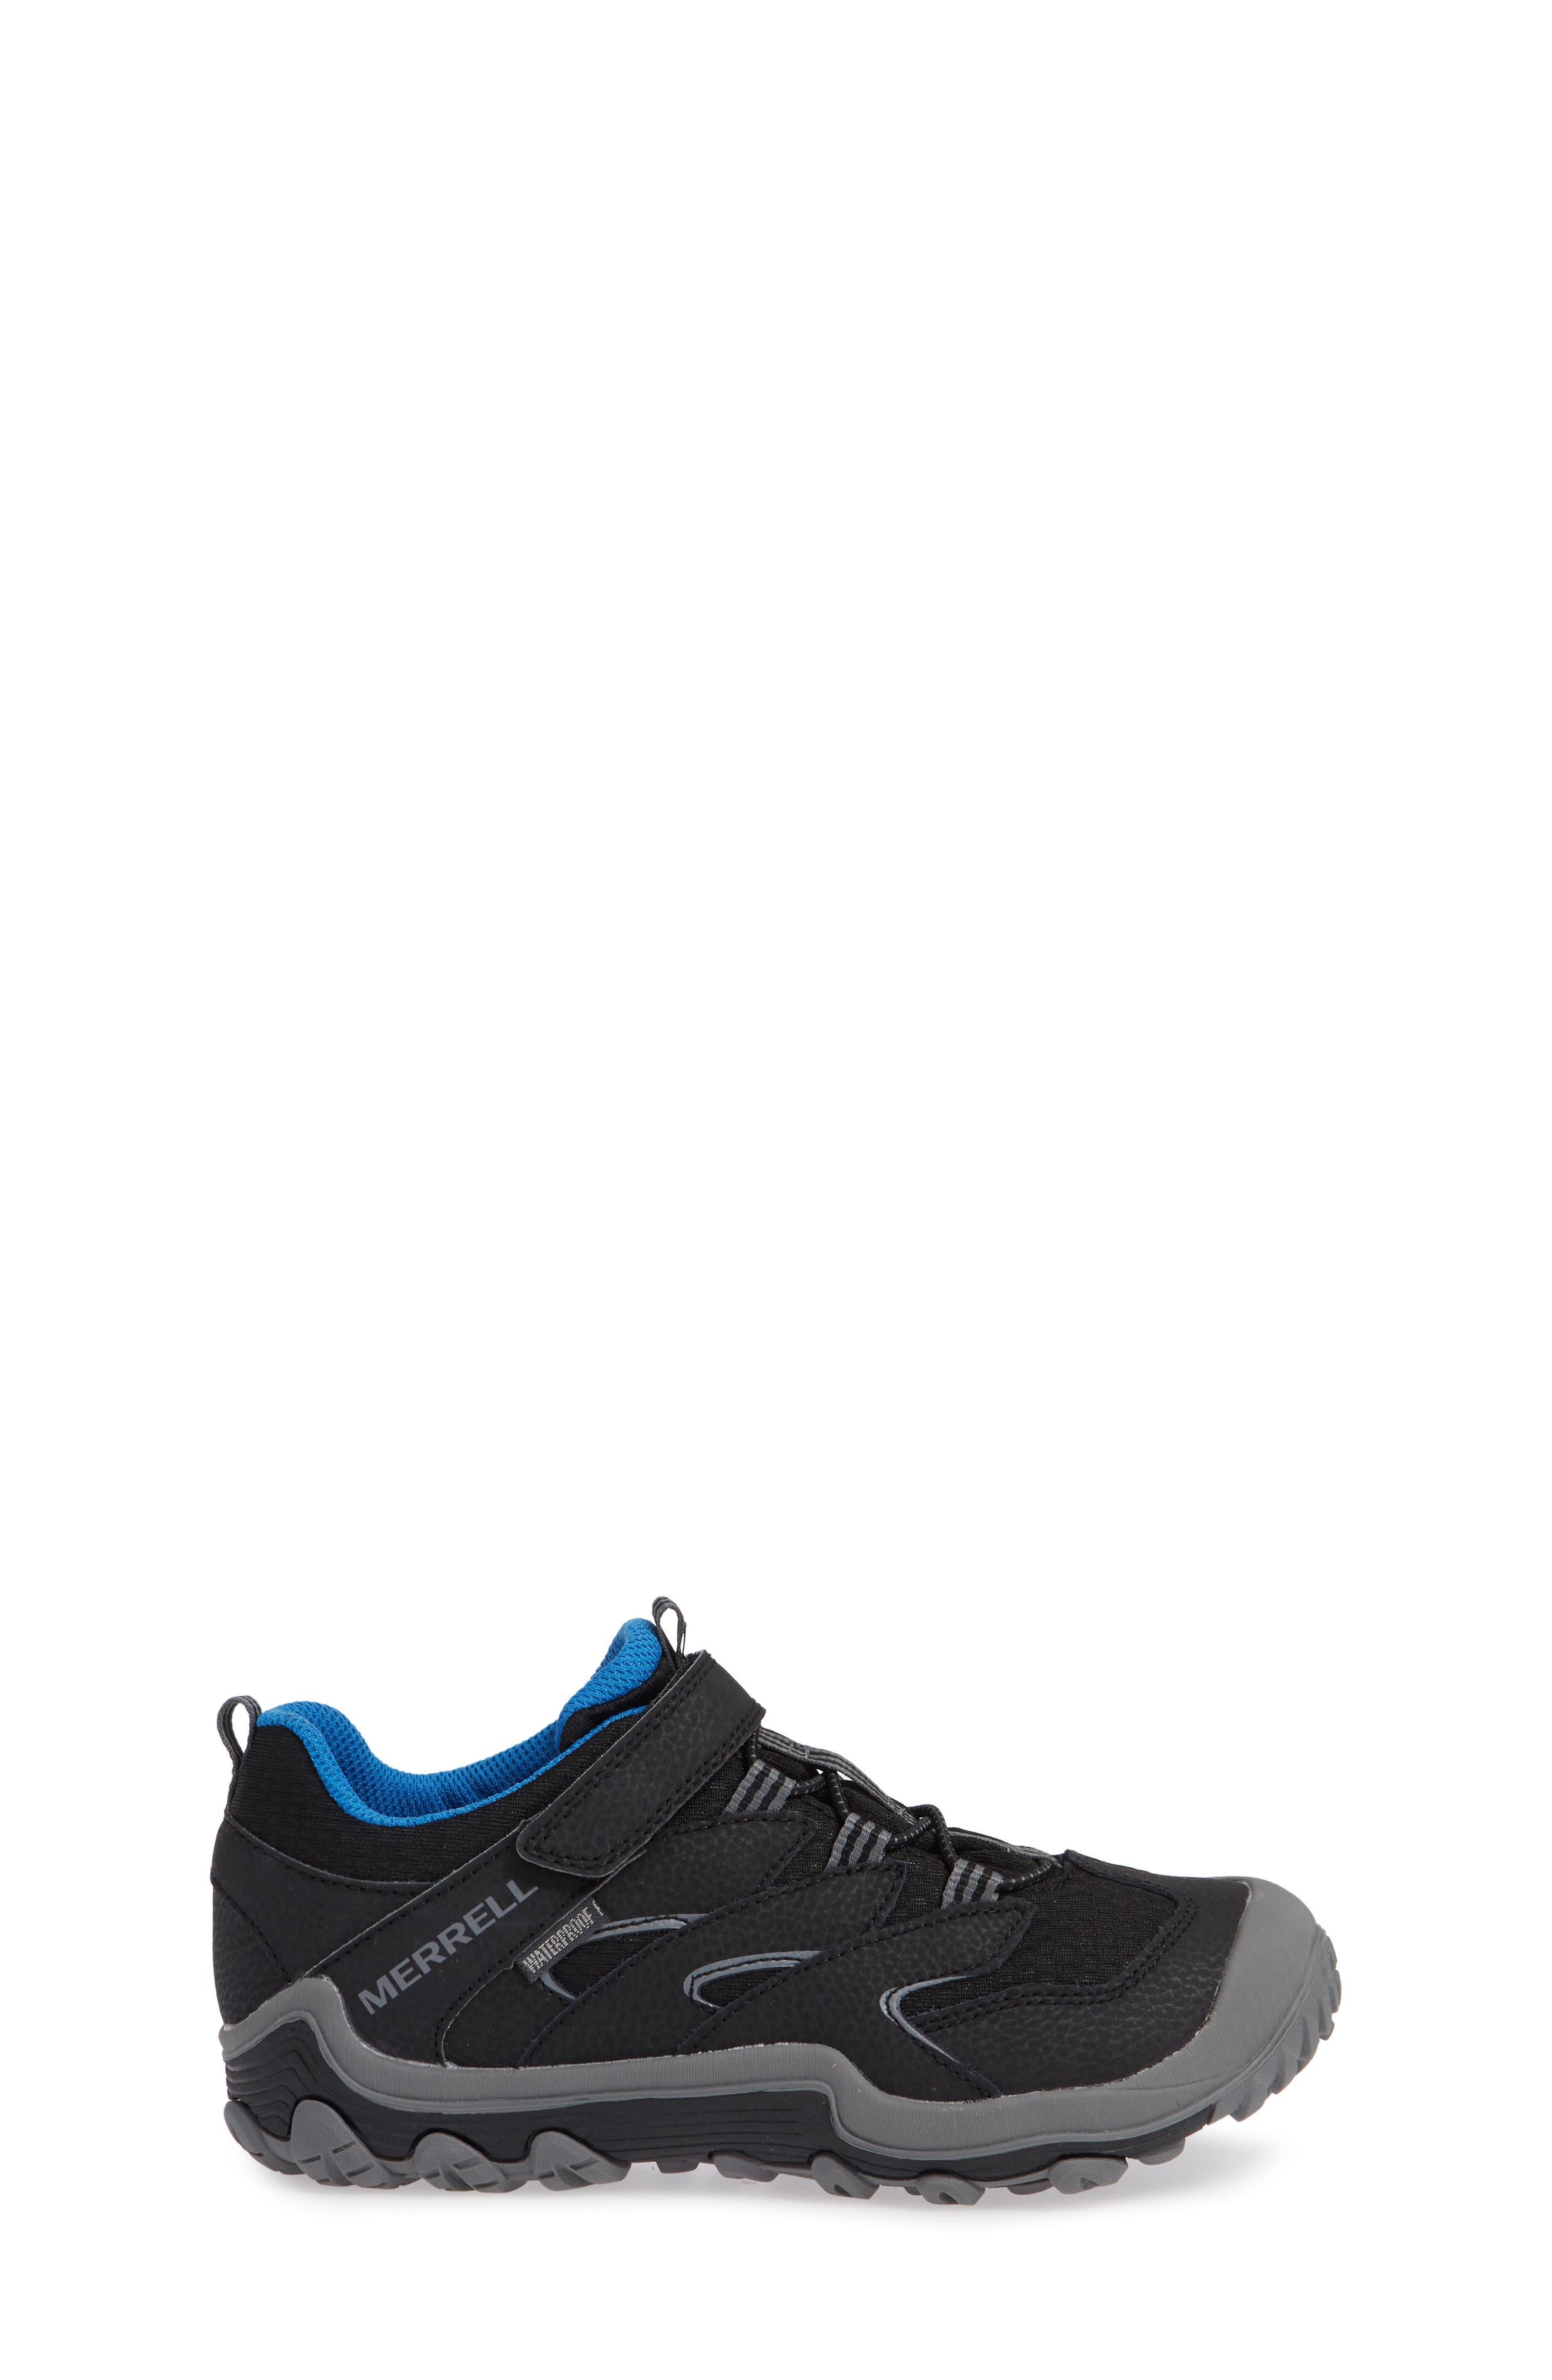 Chameleon 7 Waterproof Sneaker,                             Alternate thumbnail 3, color,                             BLACK